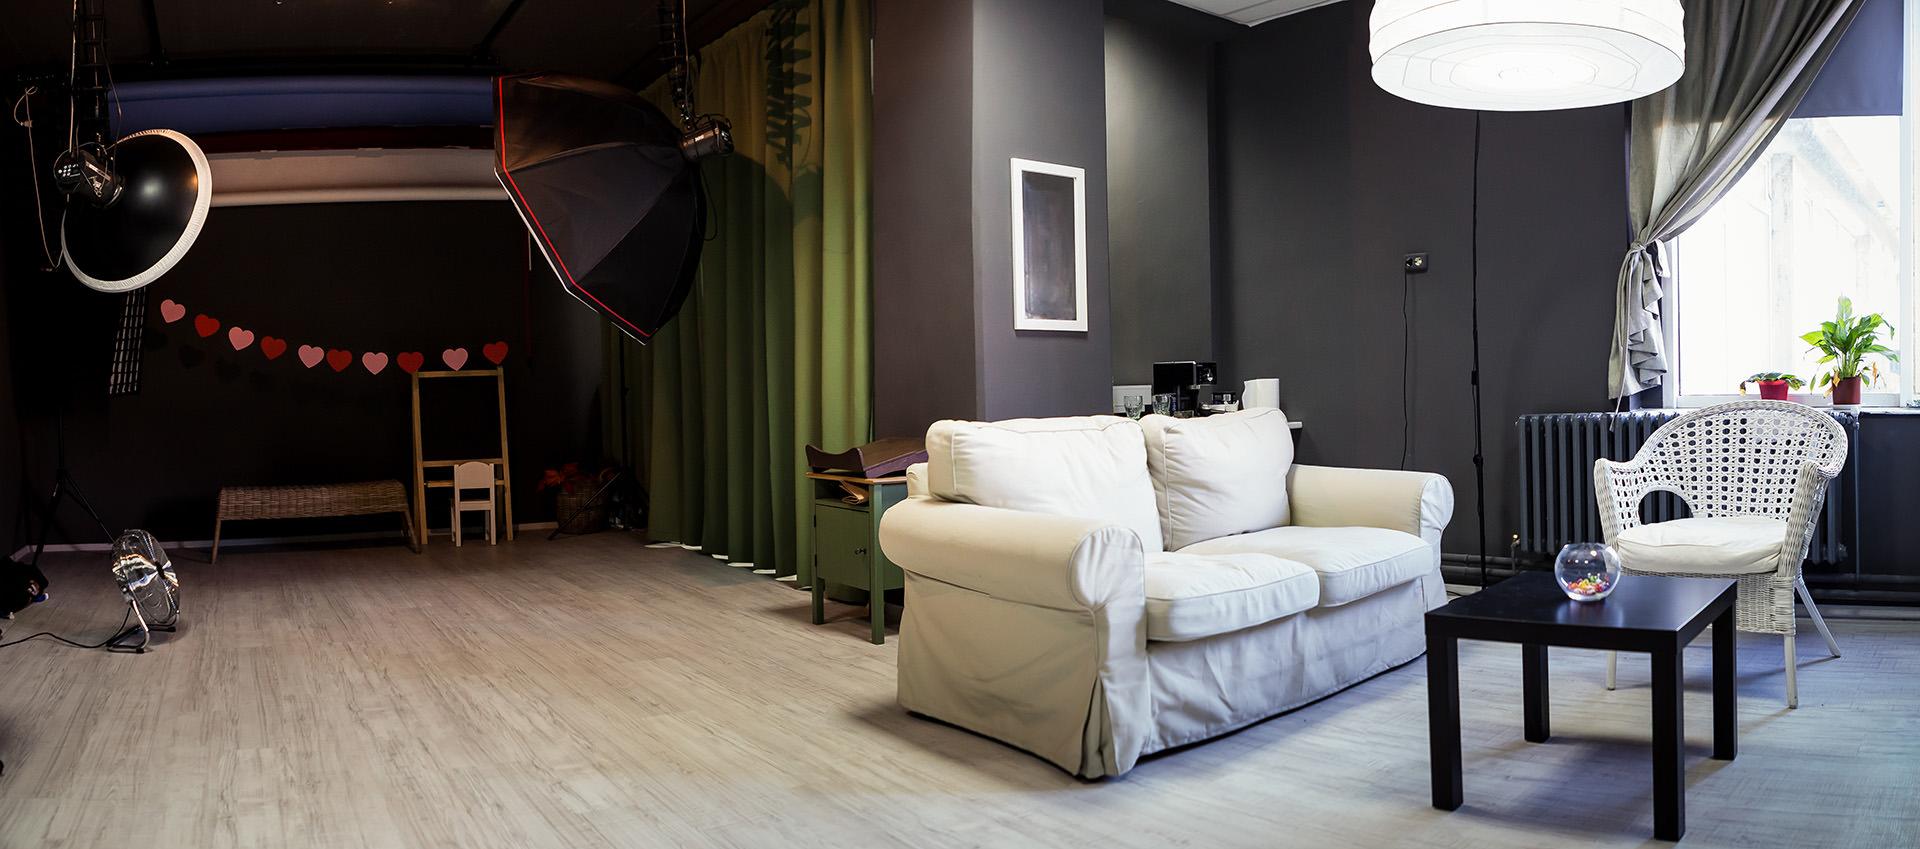 studio-foto-constanta